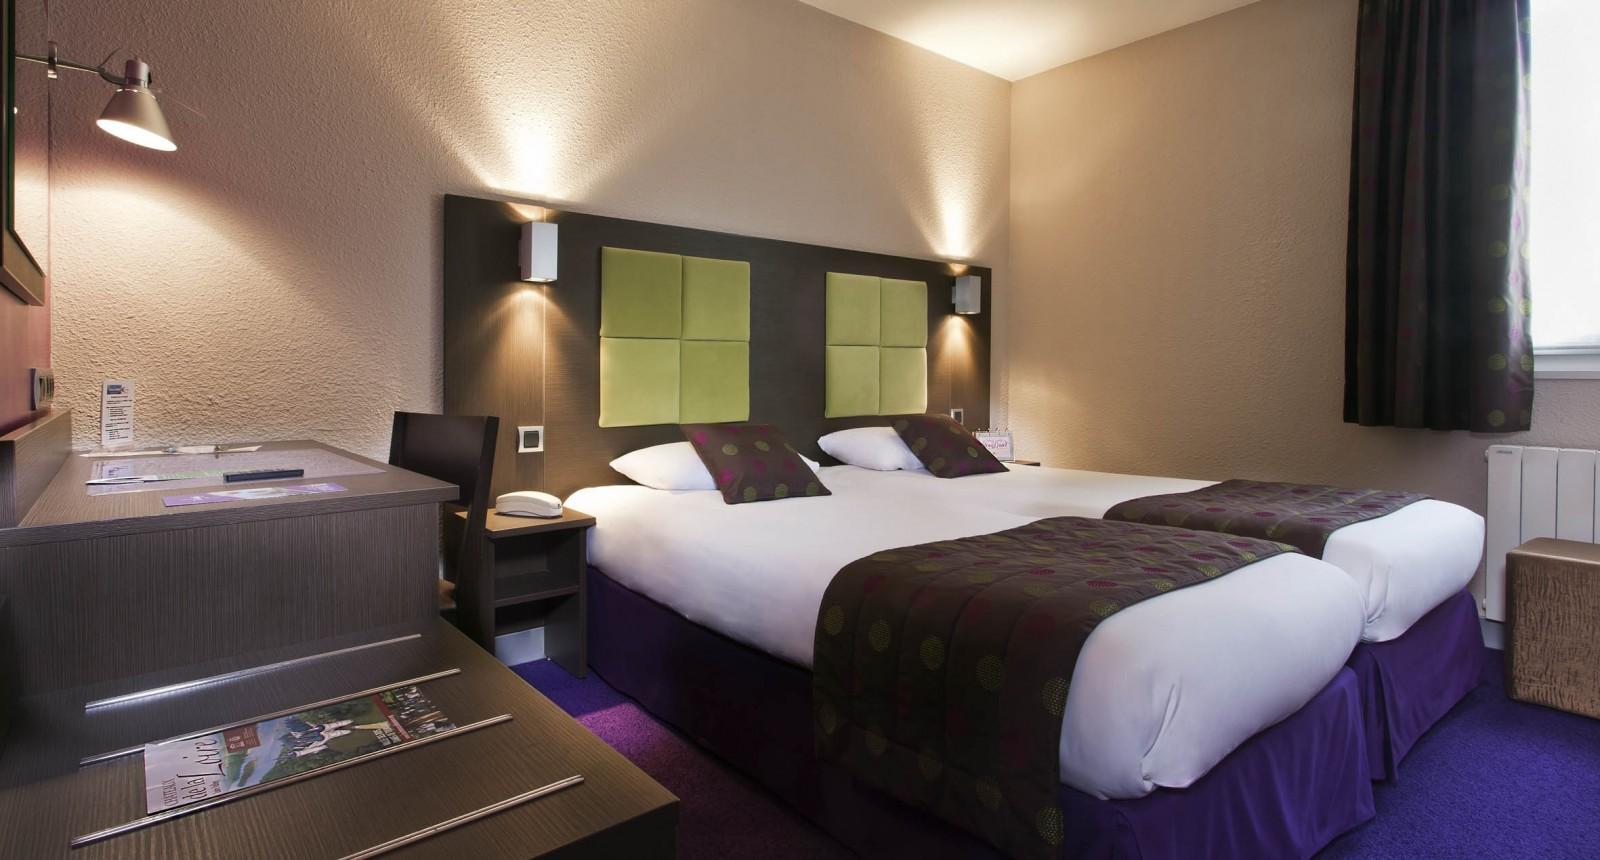 TourHôtel Blois *** | Hotel Valle della Loira | Camere - SITO UFFICIALE